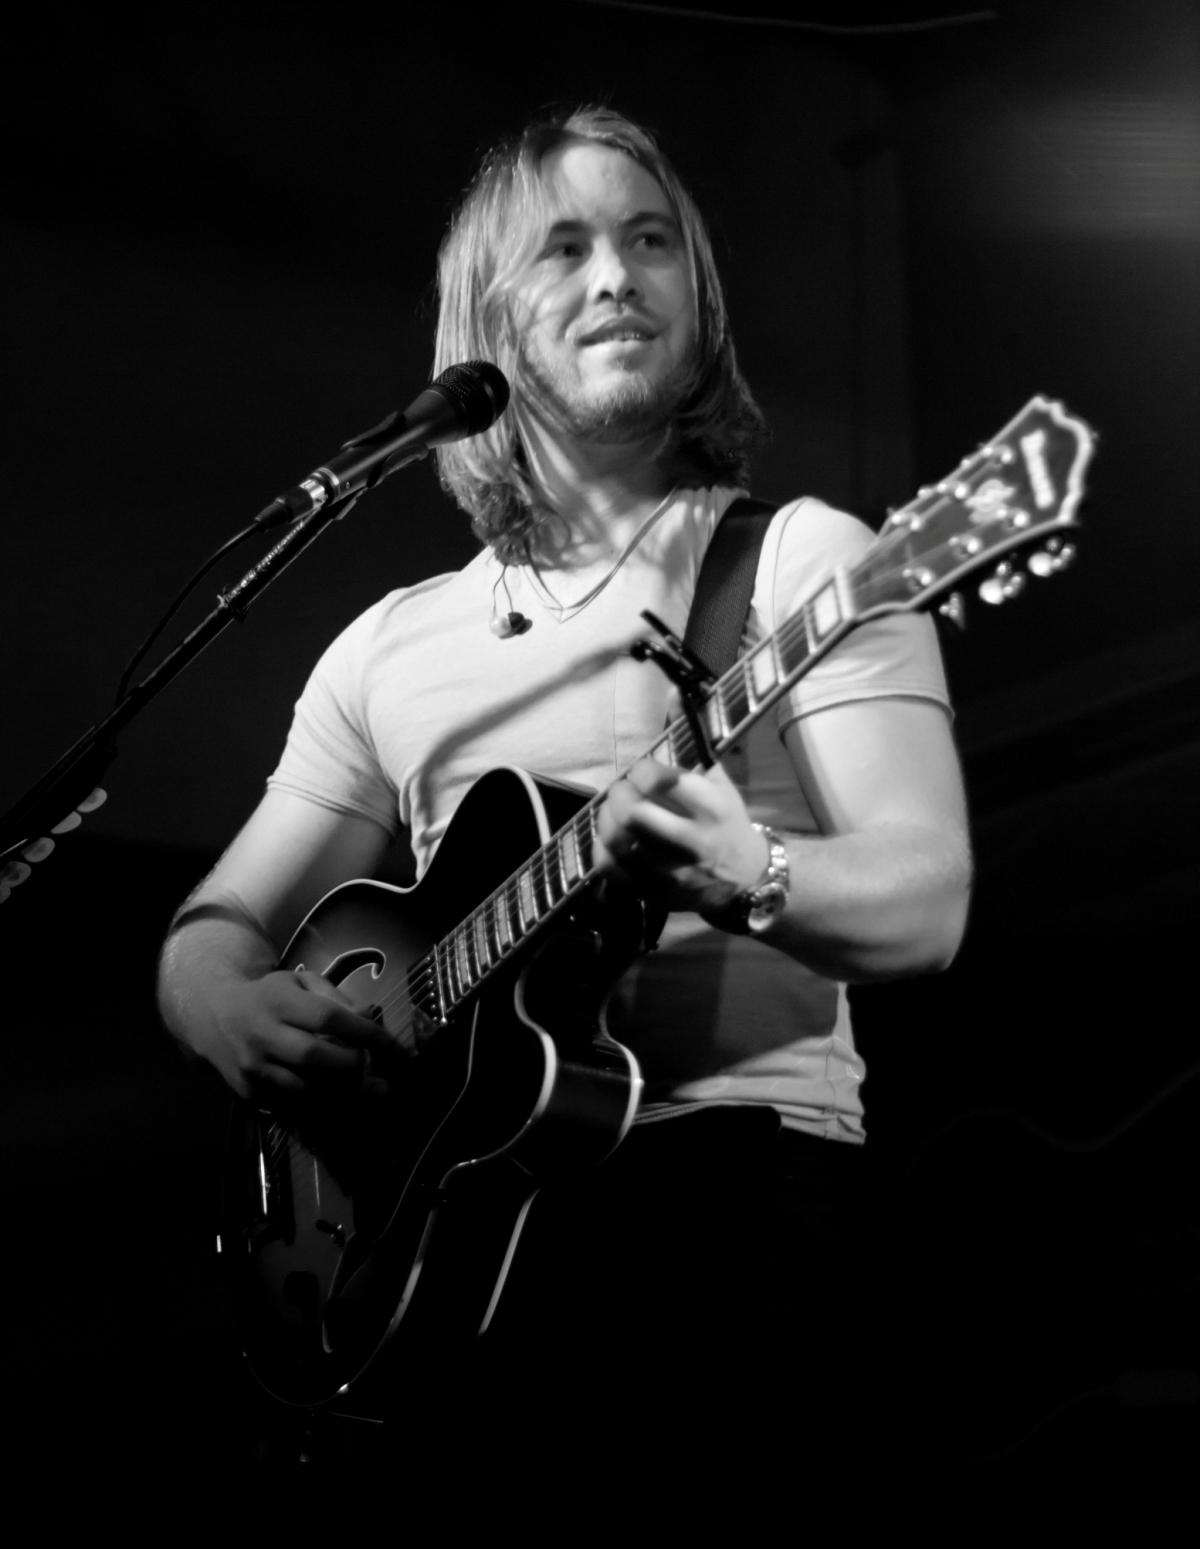 Shaun-Jacobs